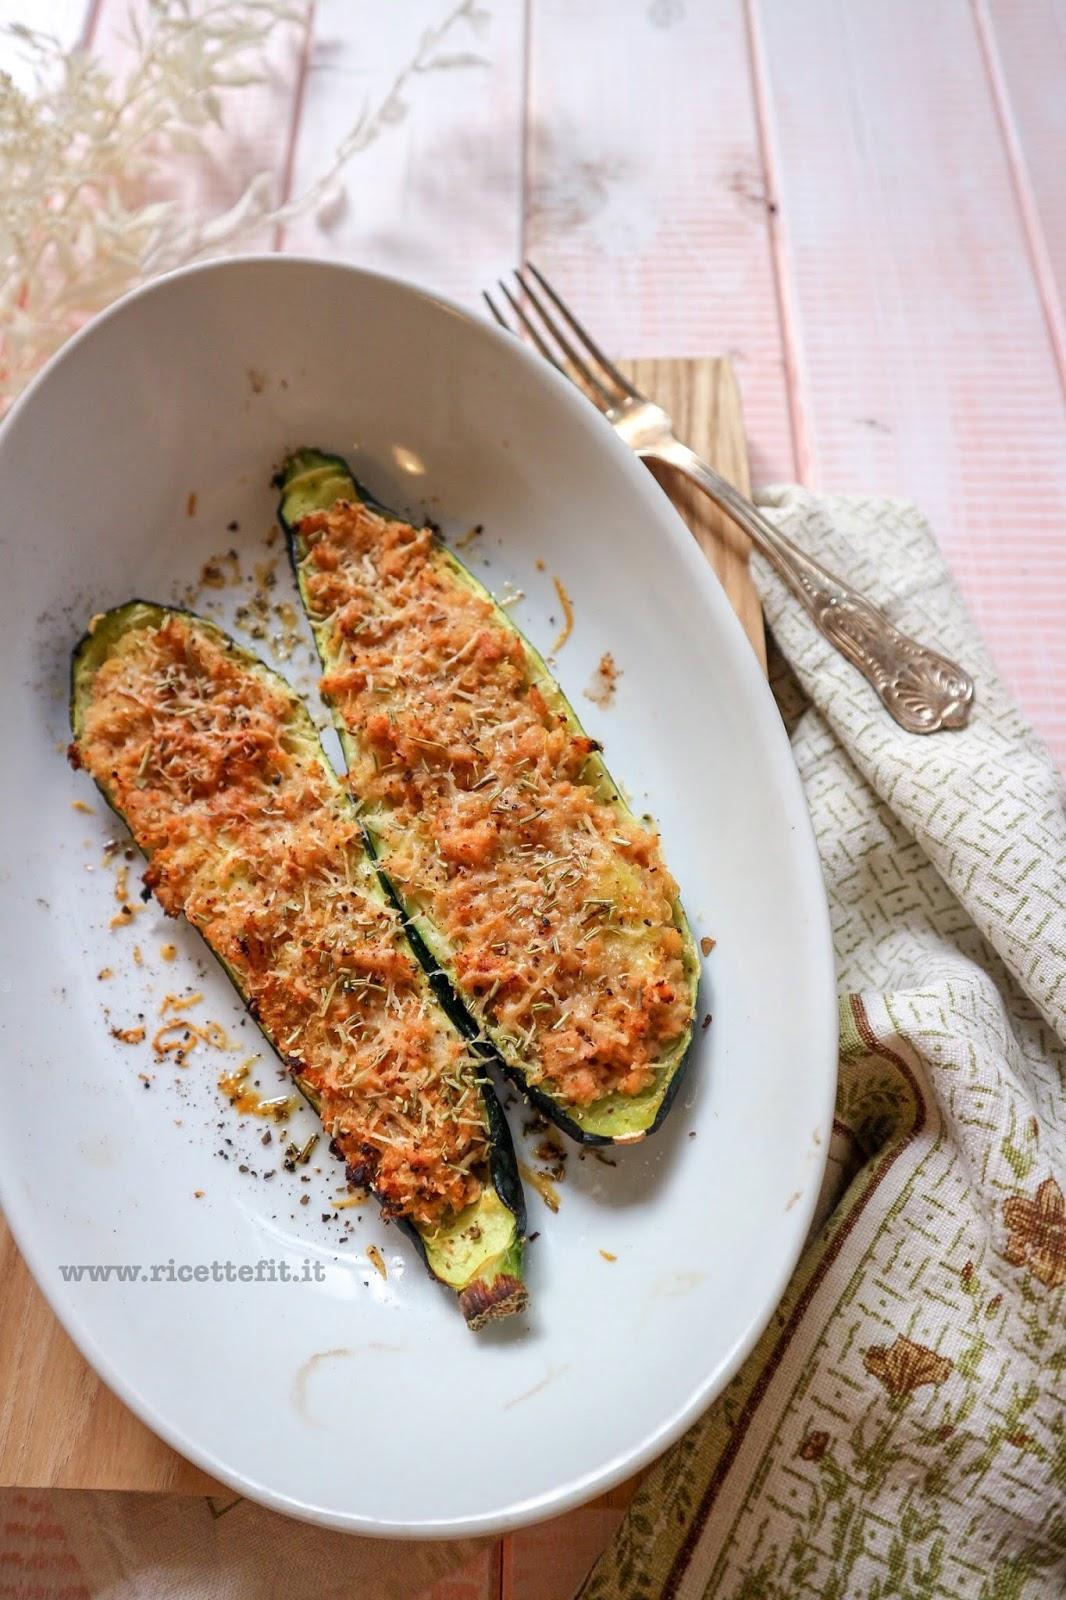 Ricetta Zucchine Ripiene Con Tonno.Ricette Fit Per Zucchine Ripiene Di Tonno Low Carb 150 Kcal Tuna Stuffed Skinny Zucchini La Vie Est Fit